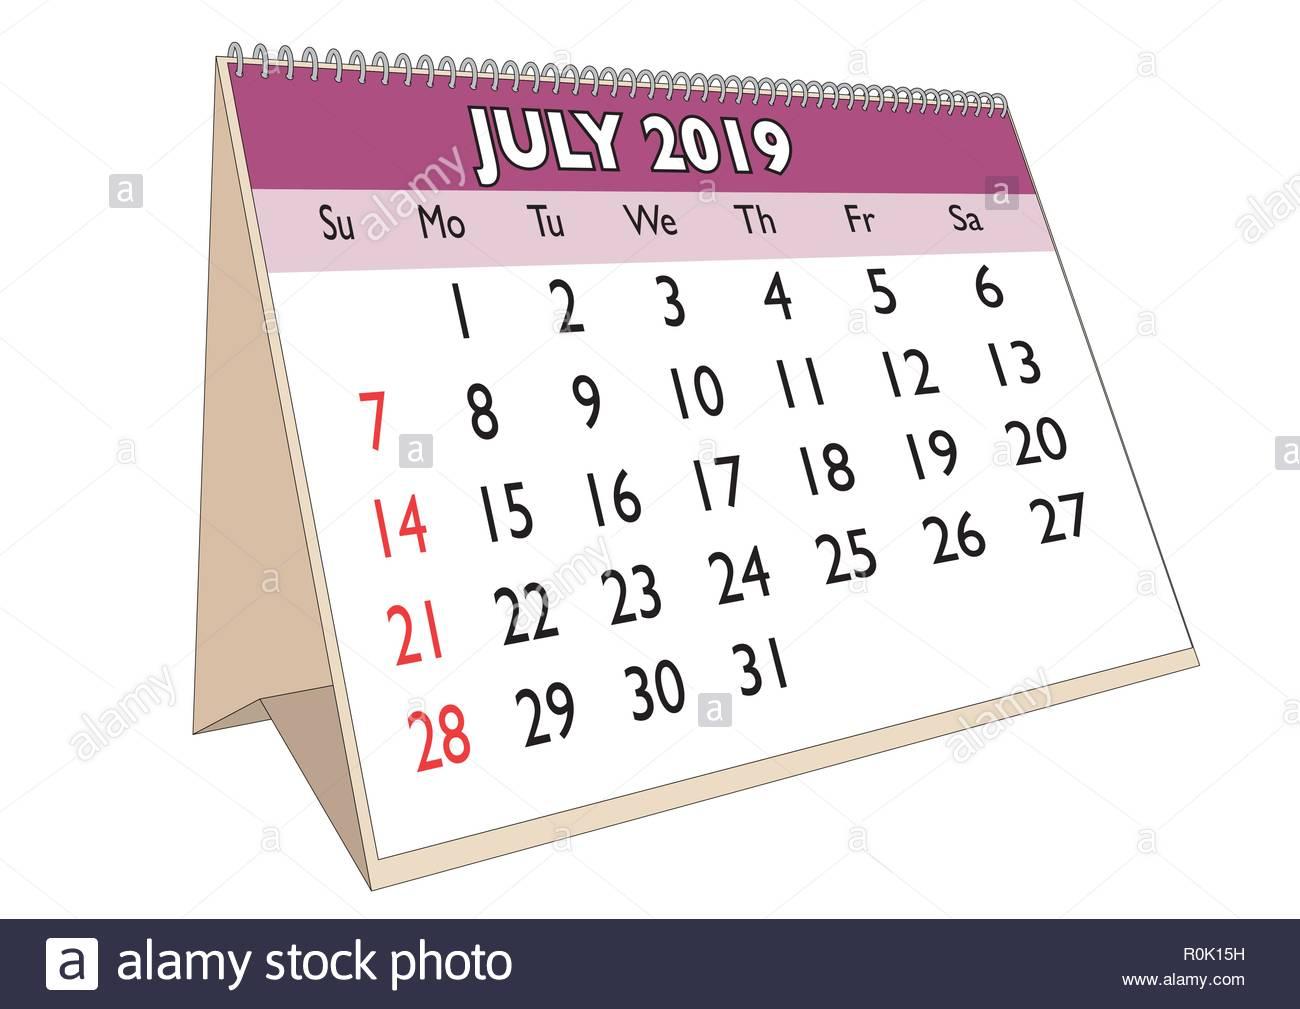 Calendrier Du Mois De Juillet 2019.Le Mois De Juillet 2019 Dans Un Calendrier De Bureau En